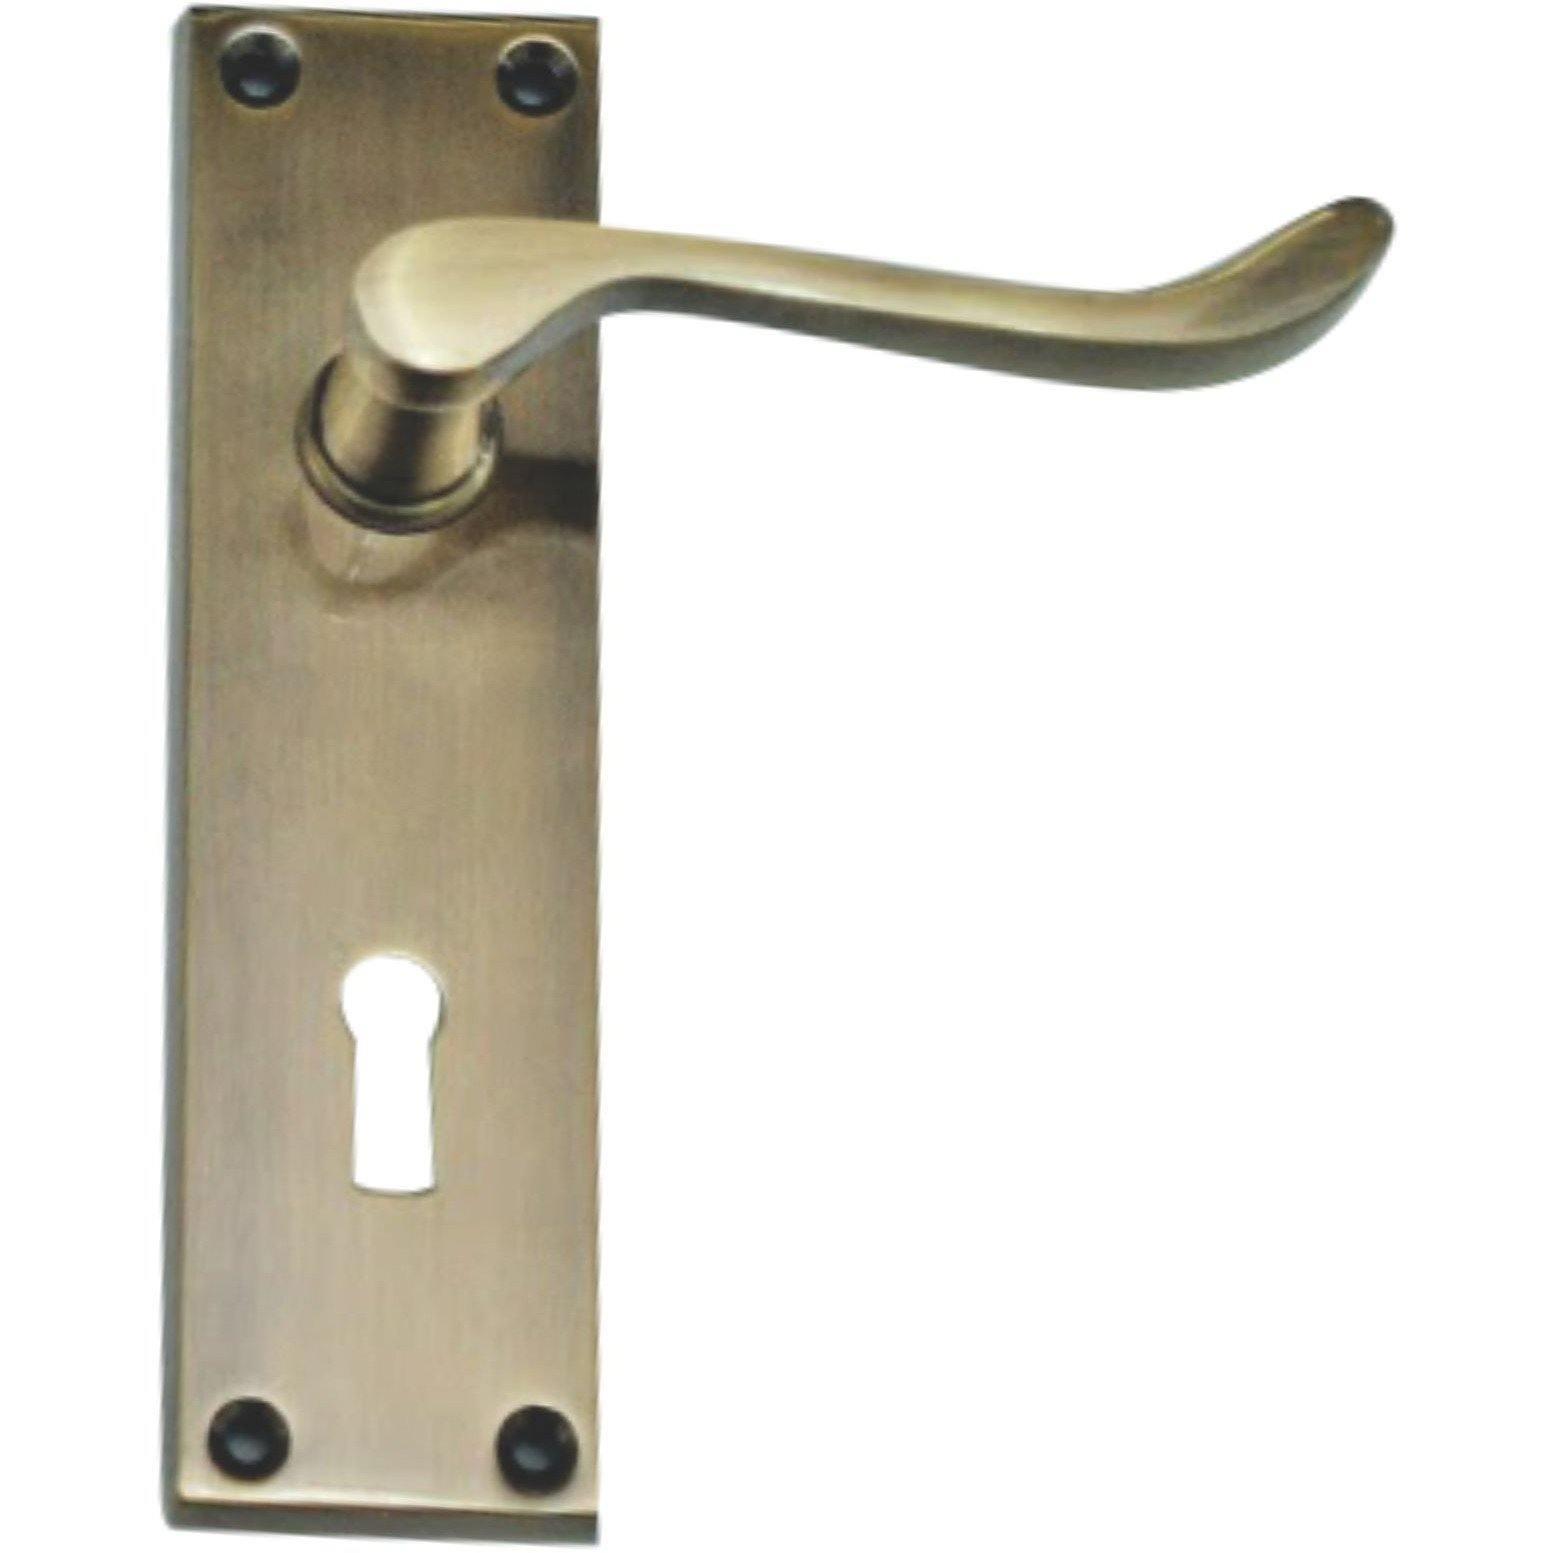 Antique Brass Door Handles - Lever Handle on Plate